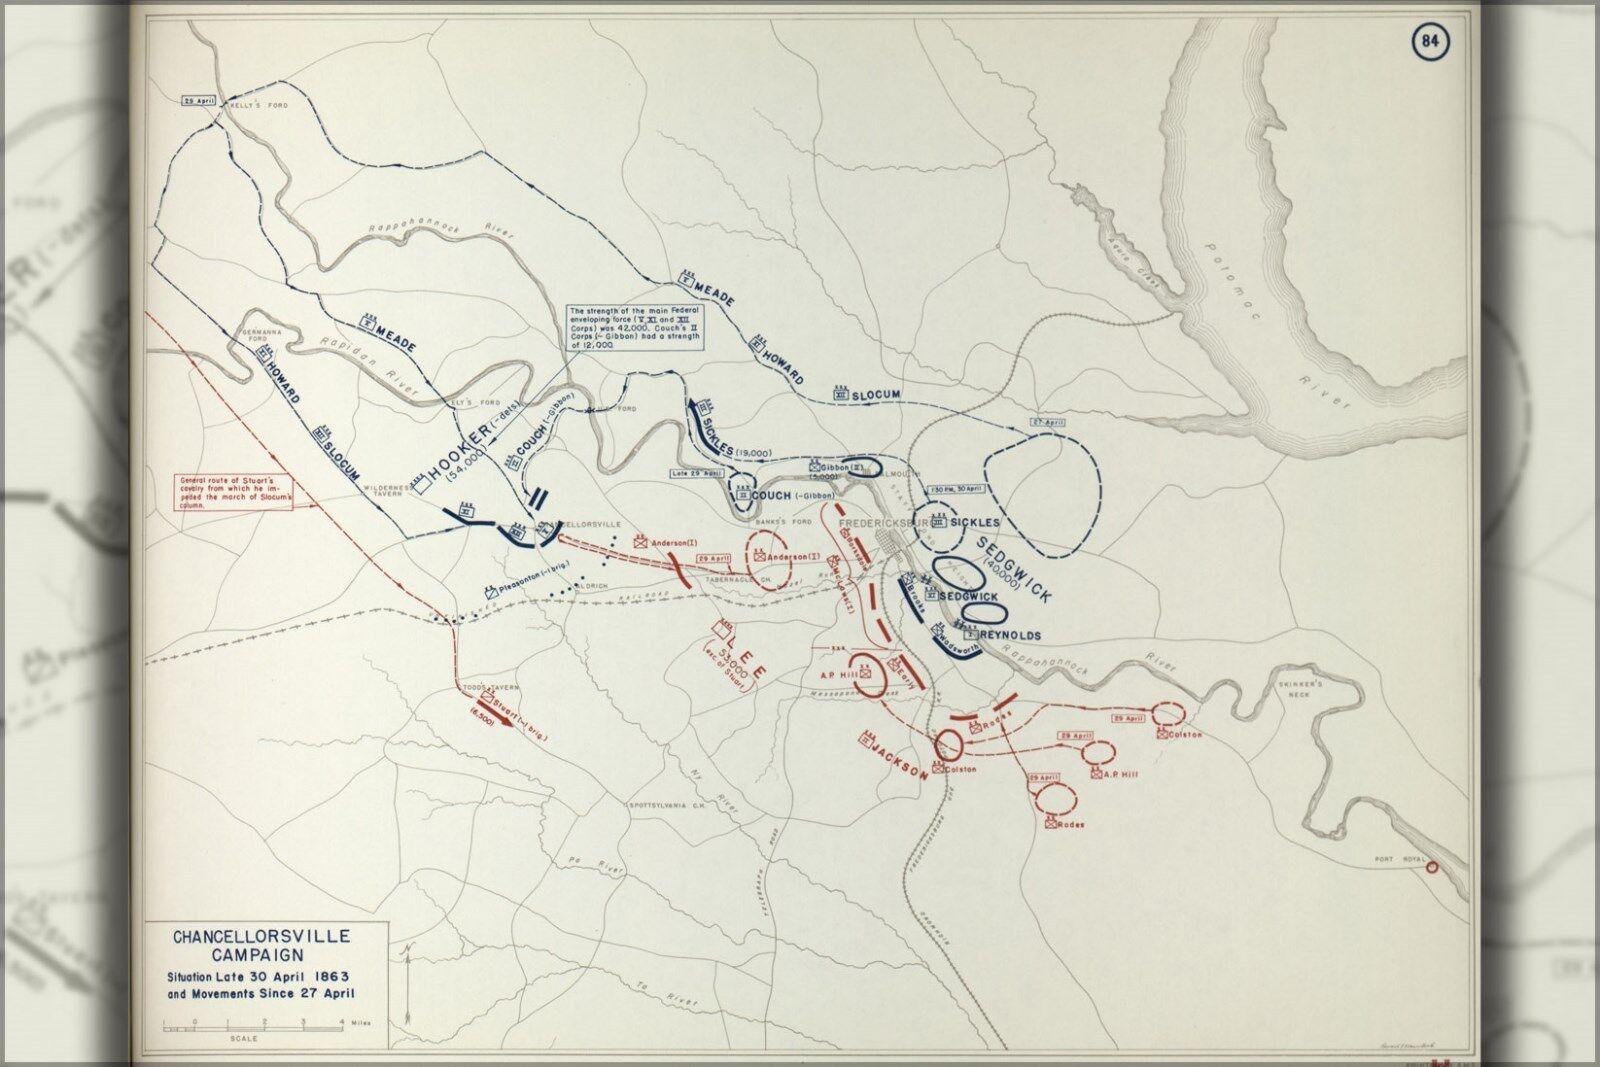 Plakat, Viele Größen; KKunste von Bürgerkrieg Chancellorsville Kampagne, 1863